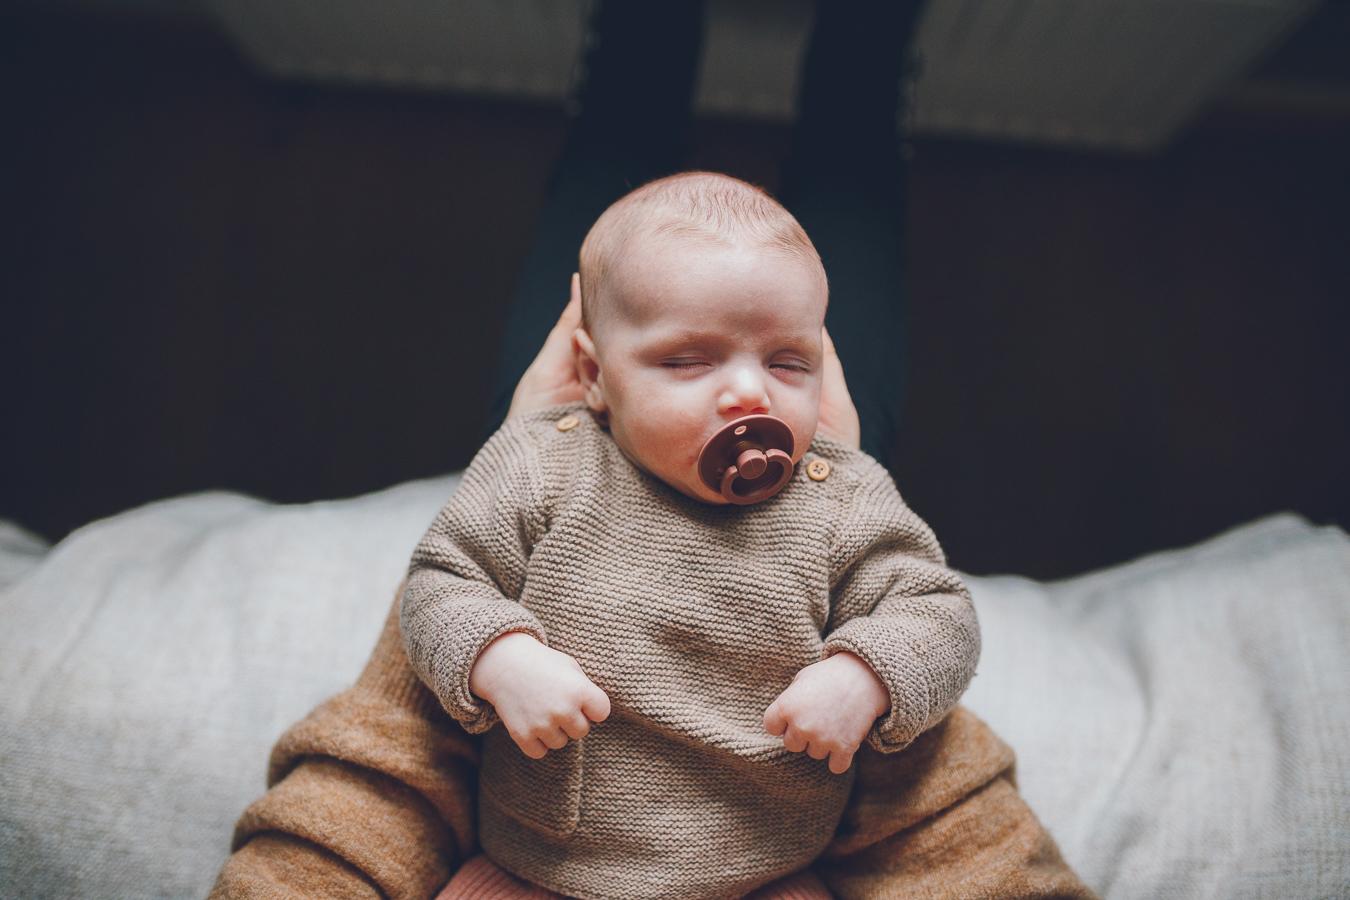 Baby met roze speen in mond slaapt in handen van moeder tijdens lifestyle newbornfotograaf Apeldoorn